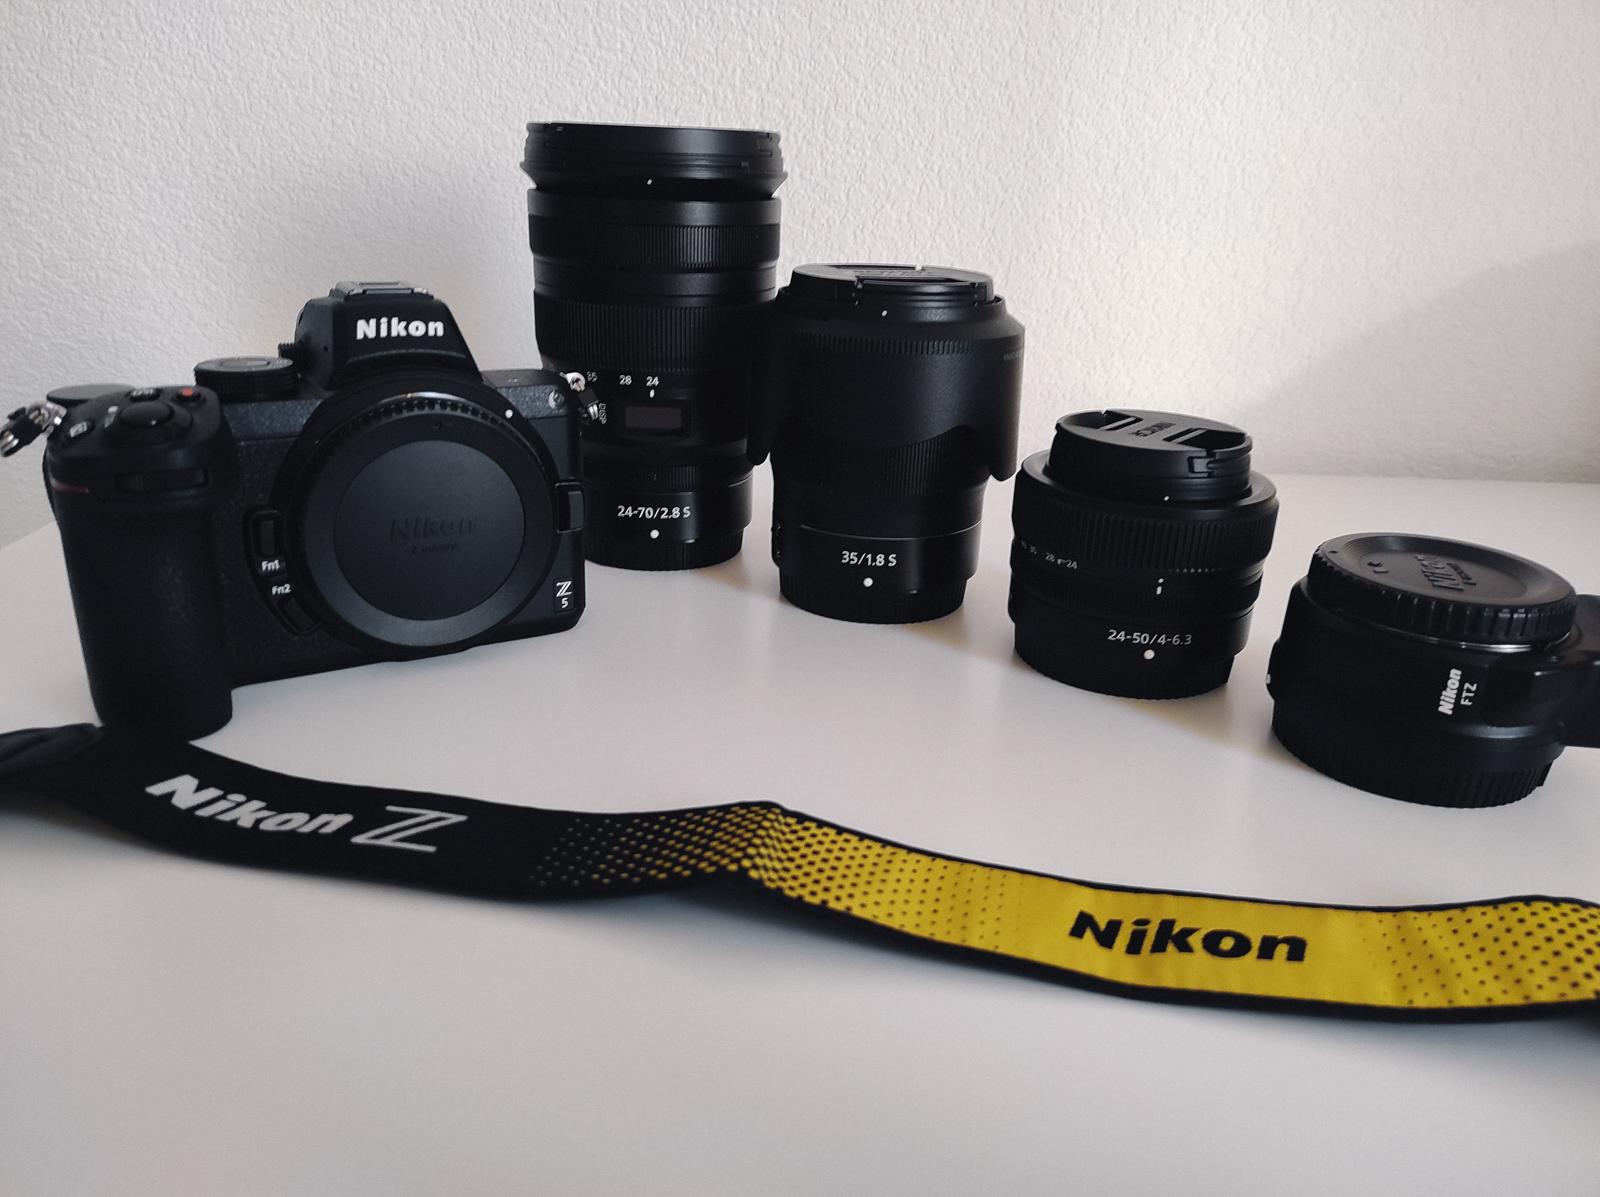 Тест-обзор Nikon Z5 и немного про объективы Nikkor — Российское фото